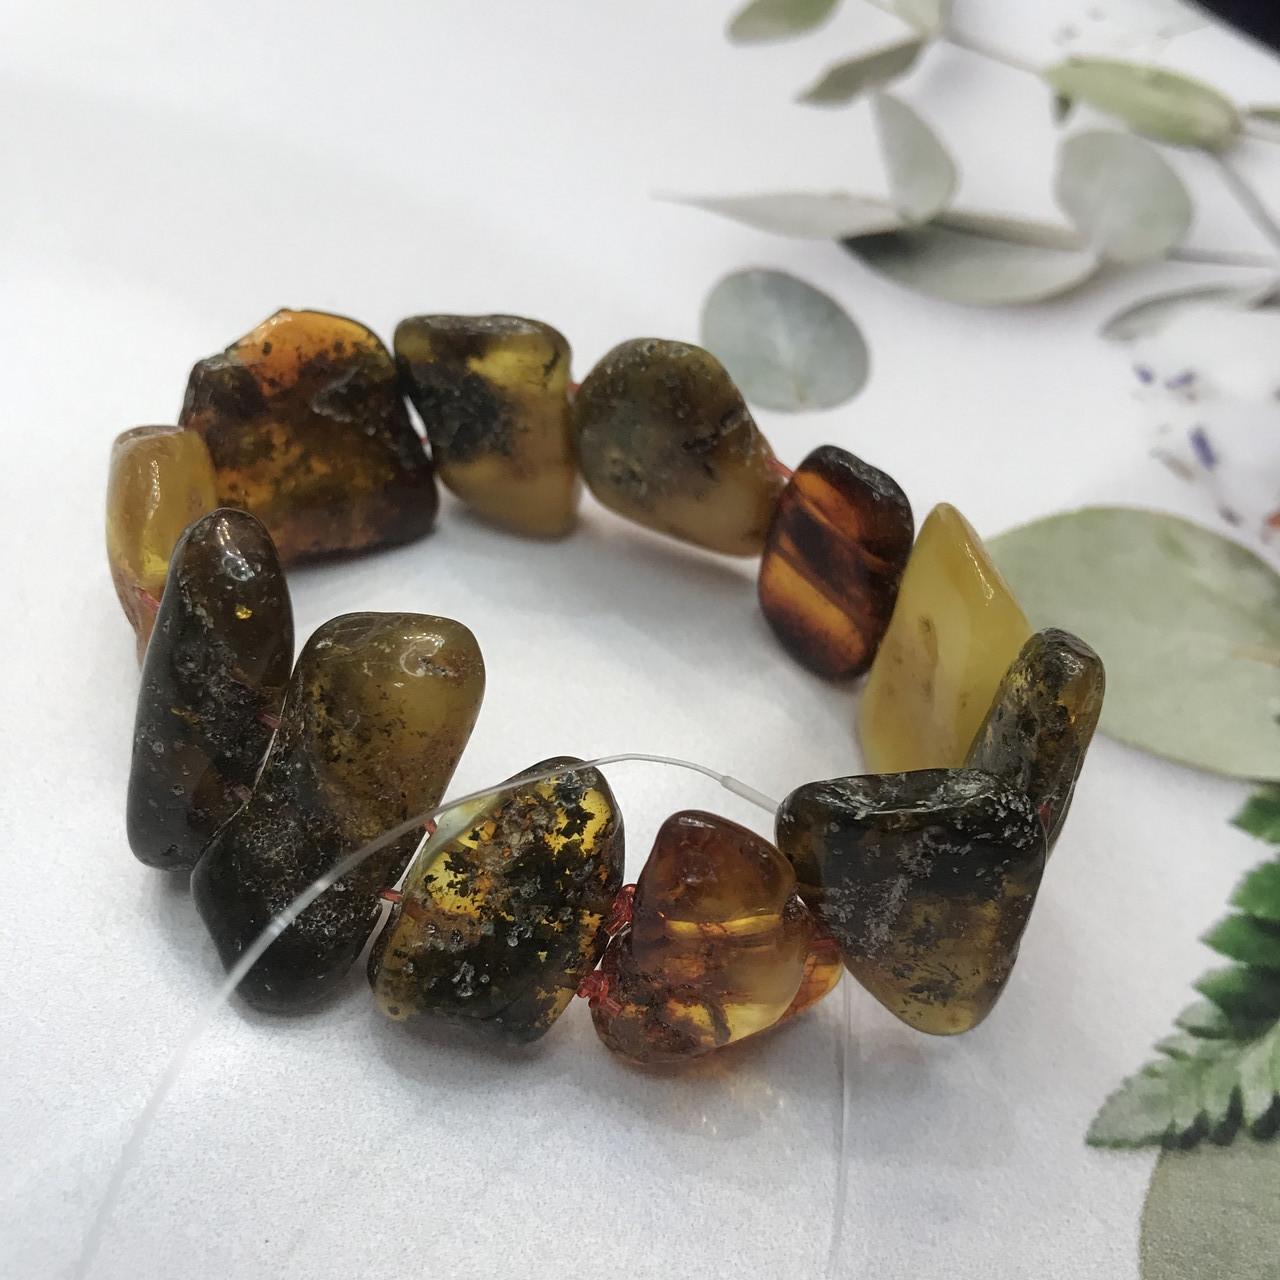 Янтарь браслет натуральный природный янтарь браслет на резинке.